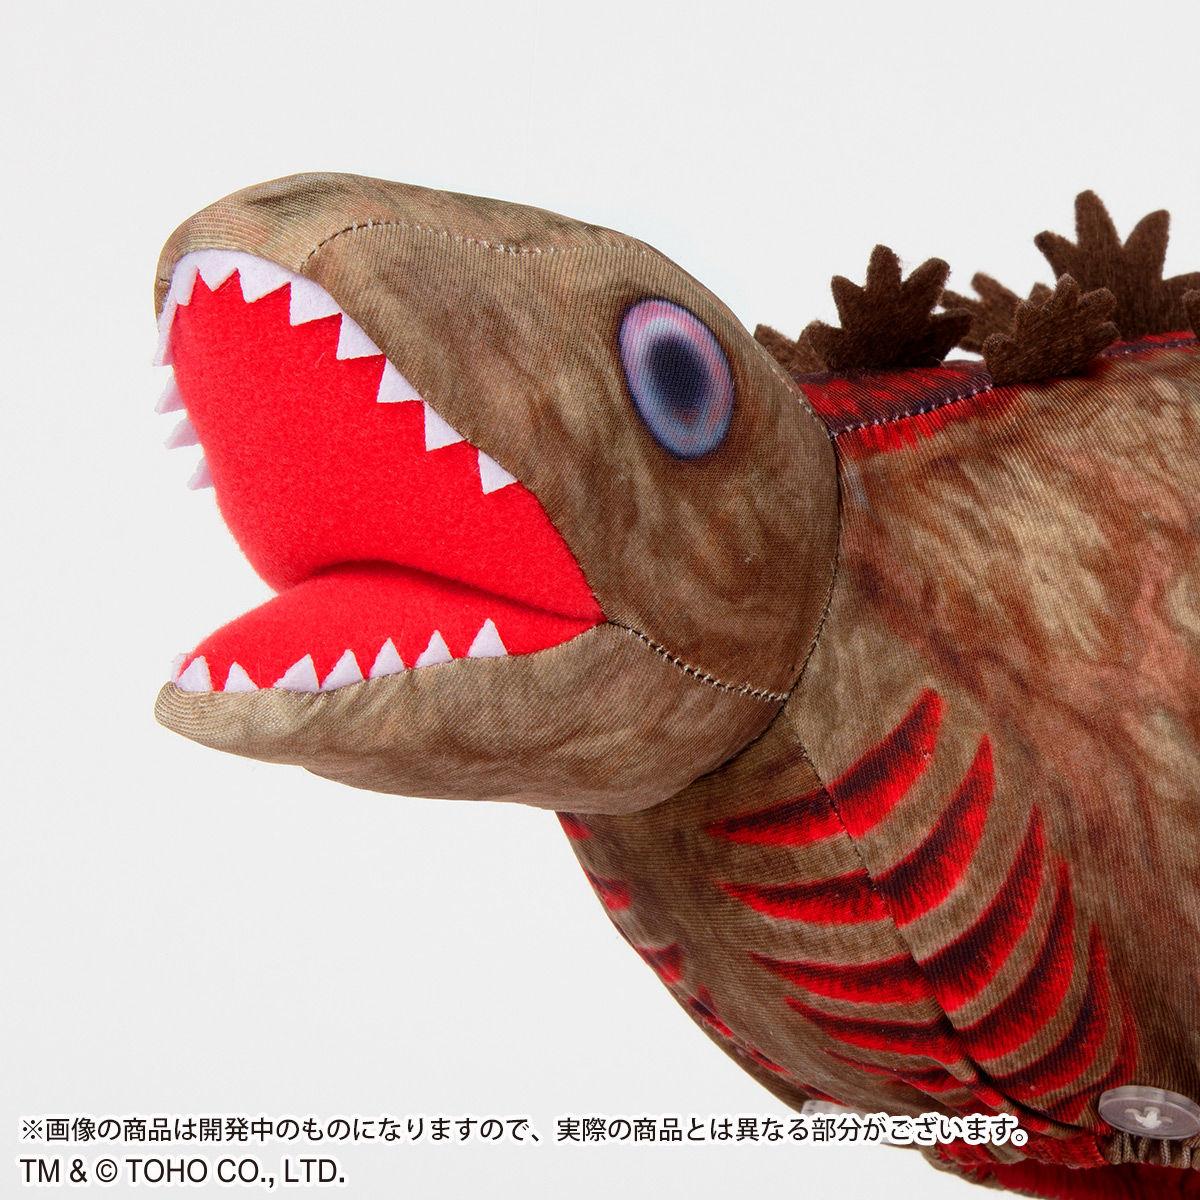 【限定販売】シン・ゴジラ『ゴジラ第2形態 フローリングワイパーカバー』グッズ-004